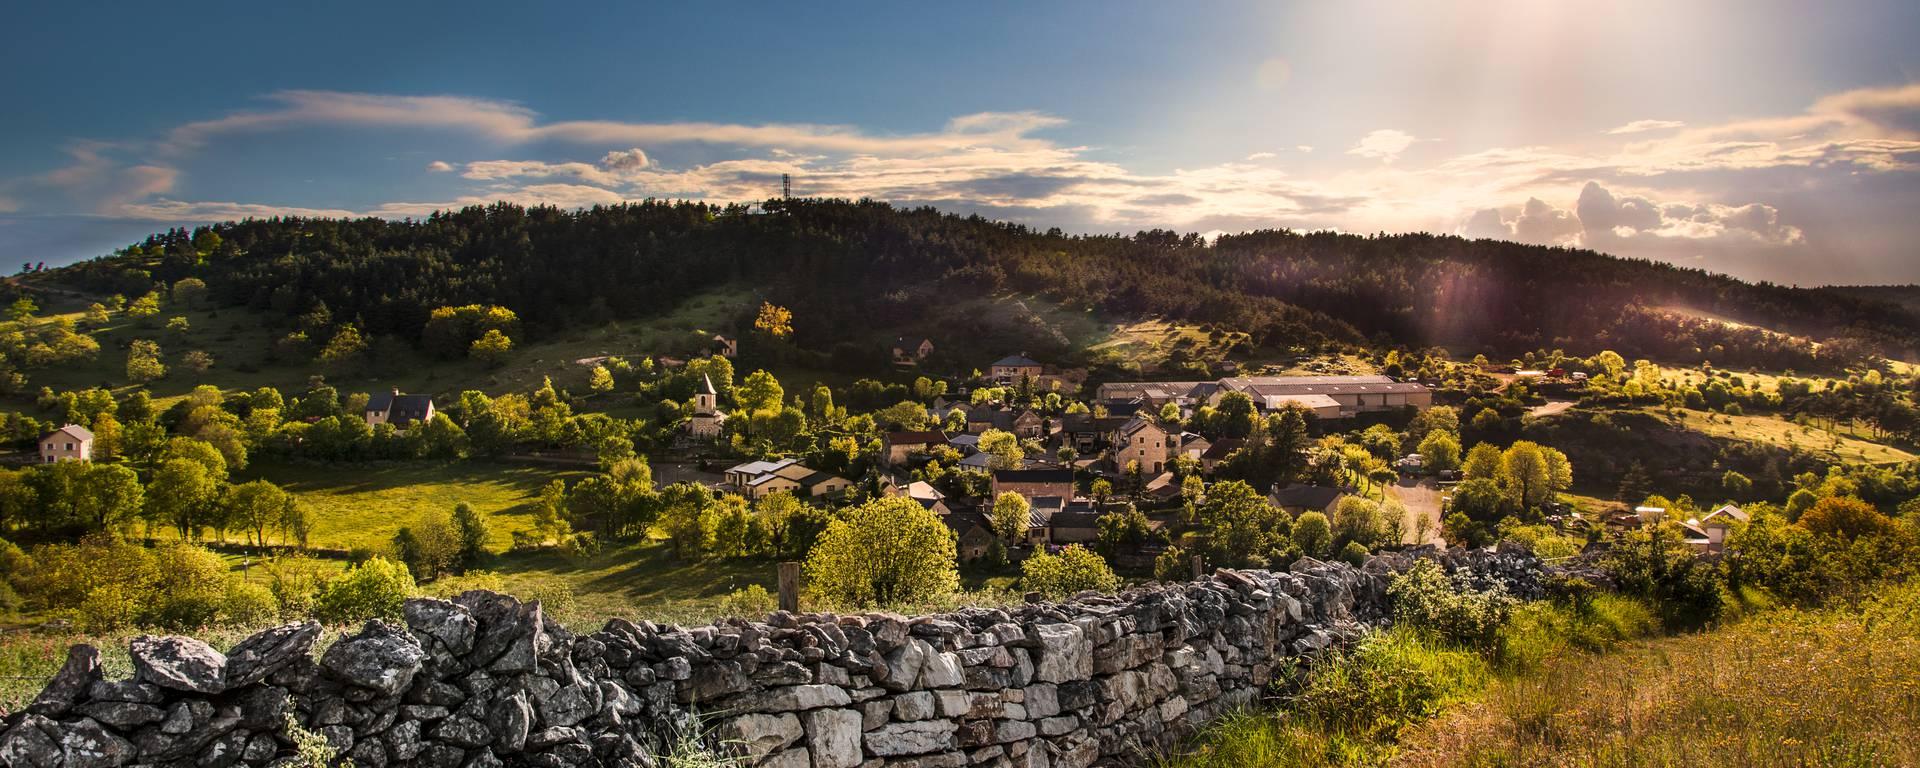 Discover Le Recoux on the Causse de Sauveterre plateau